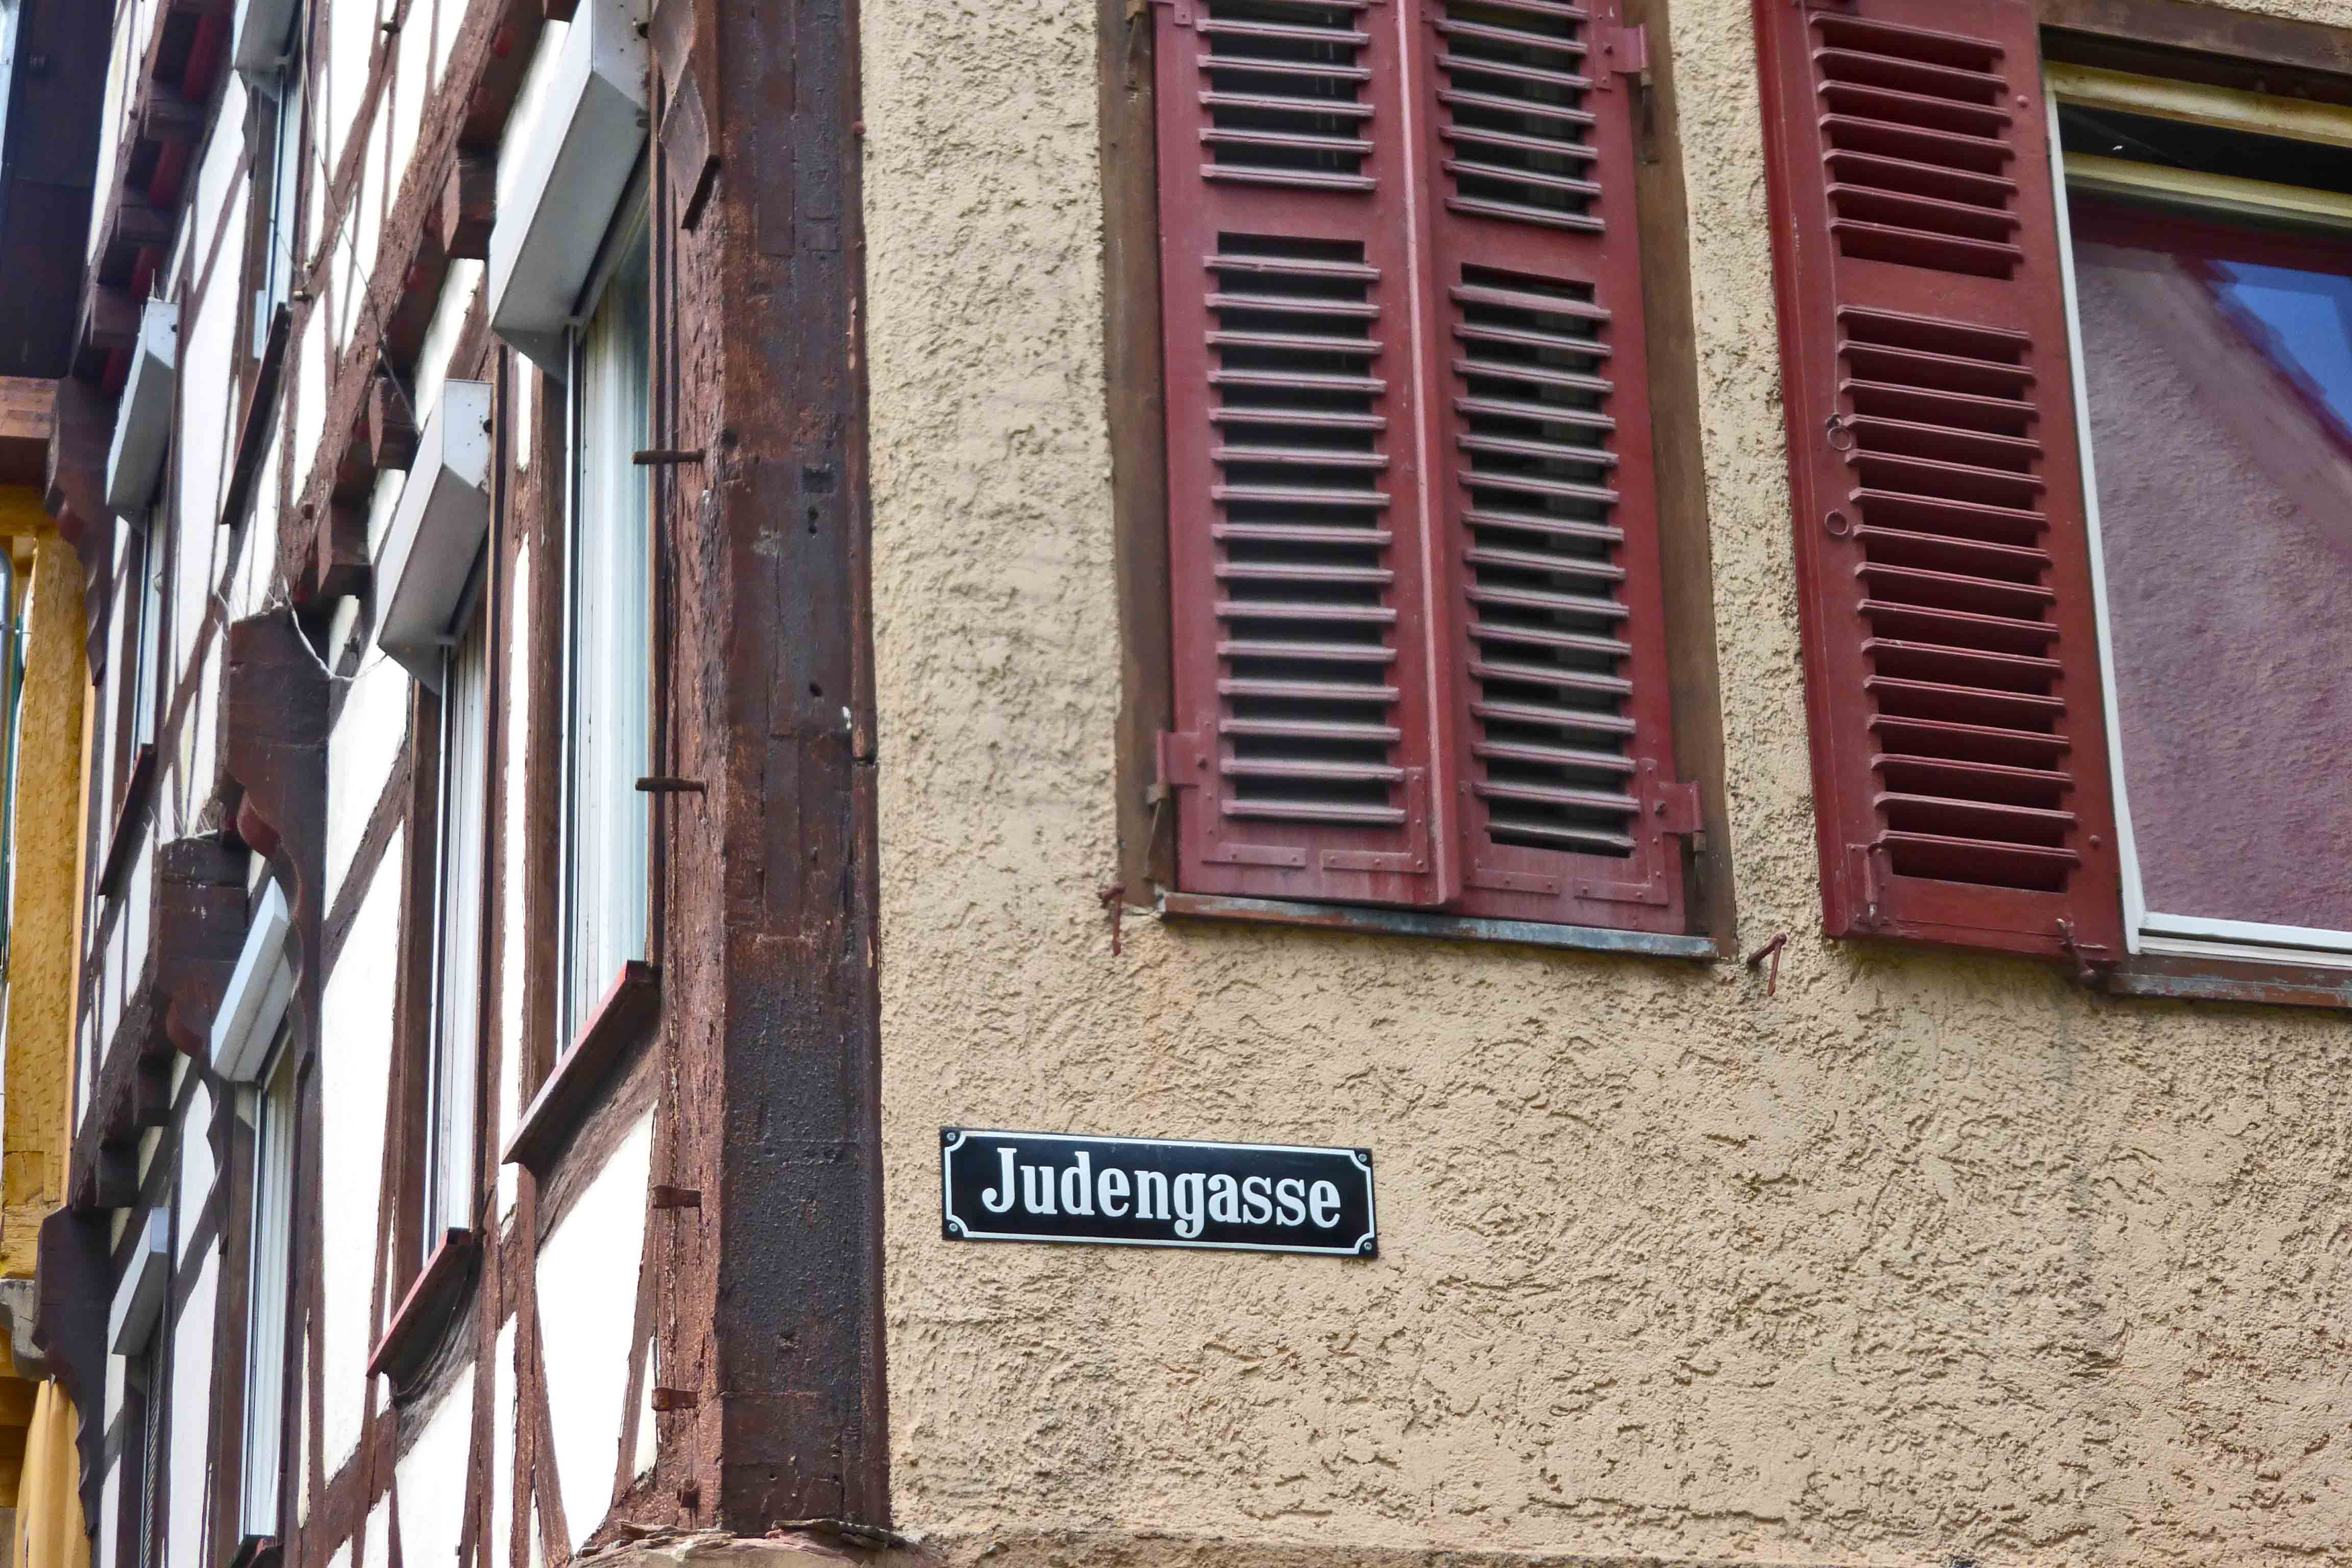 Judengasse in Tübingen